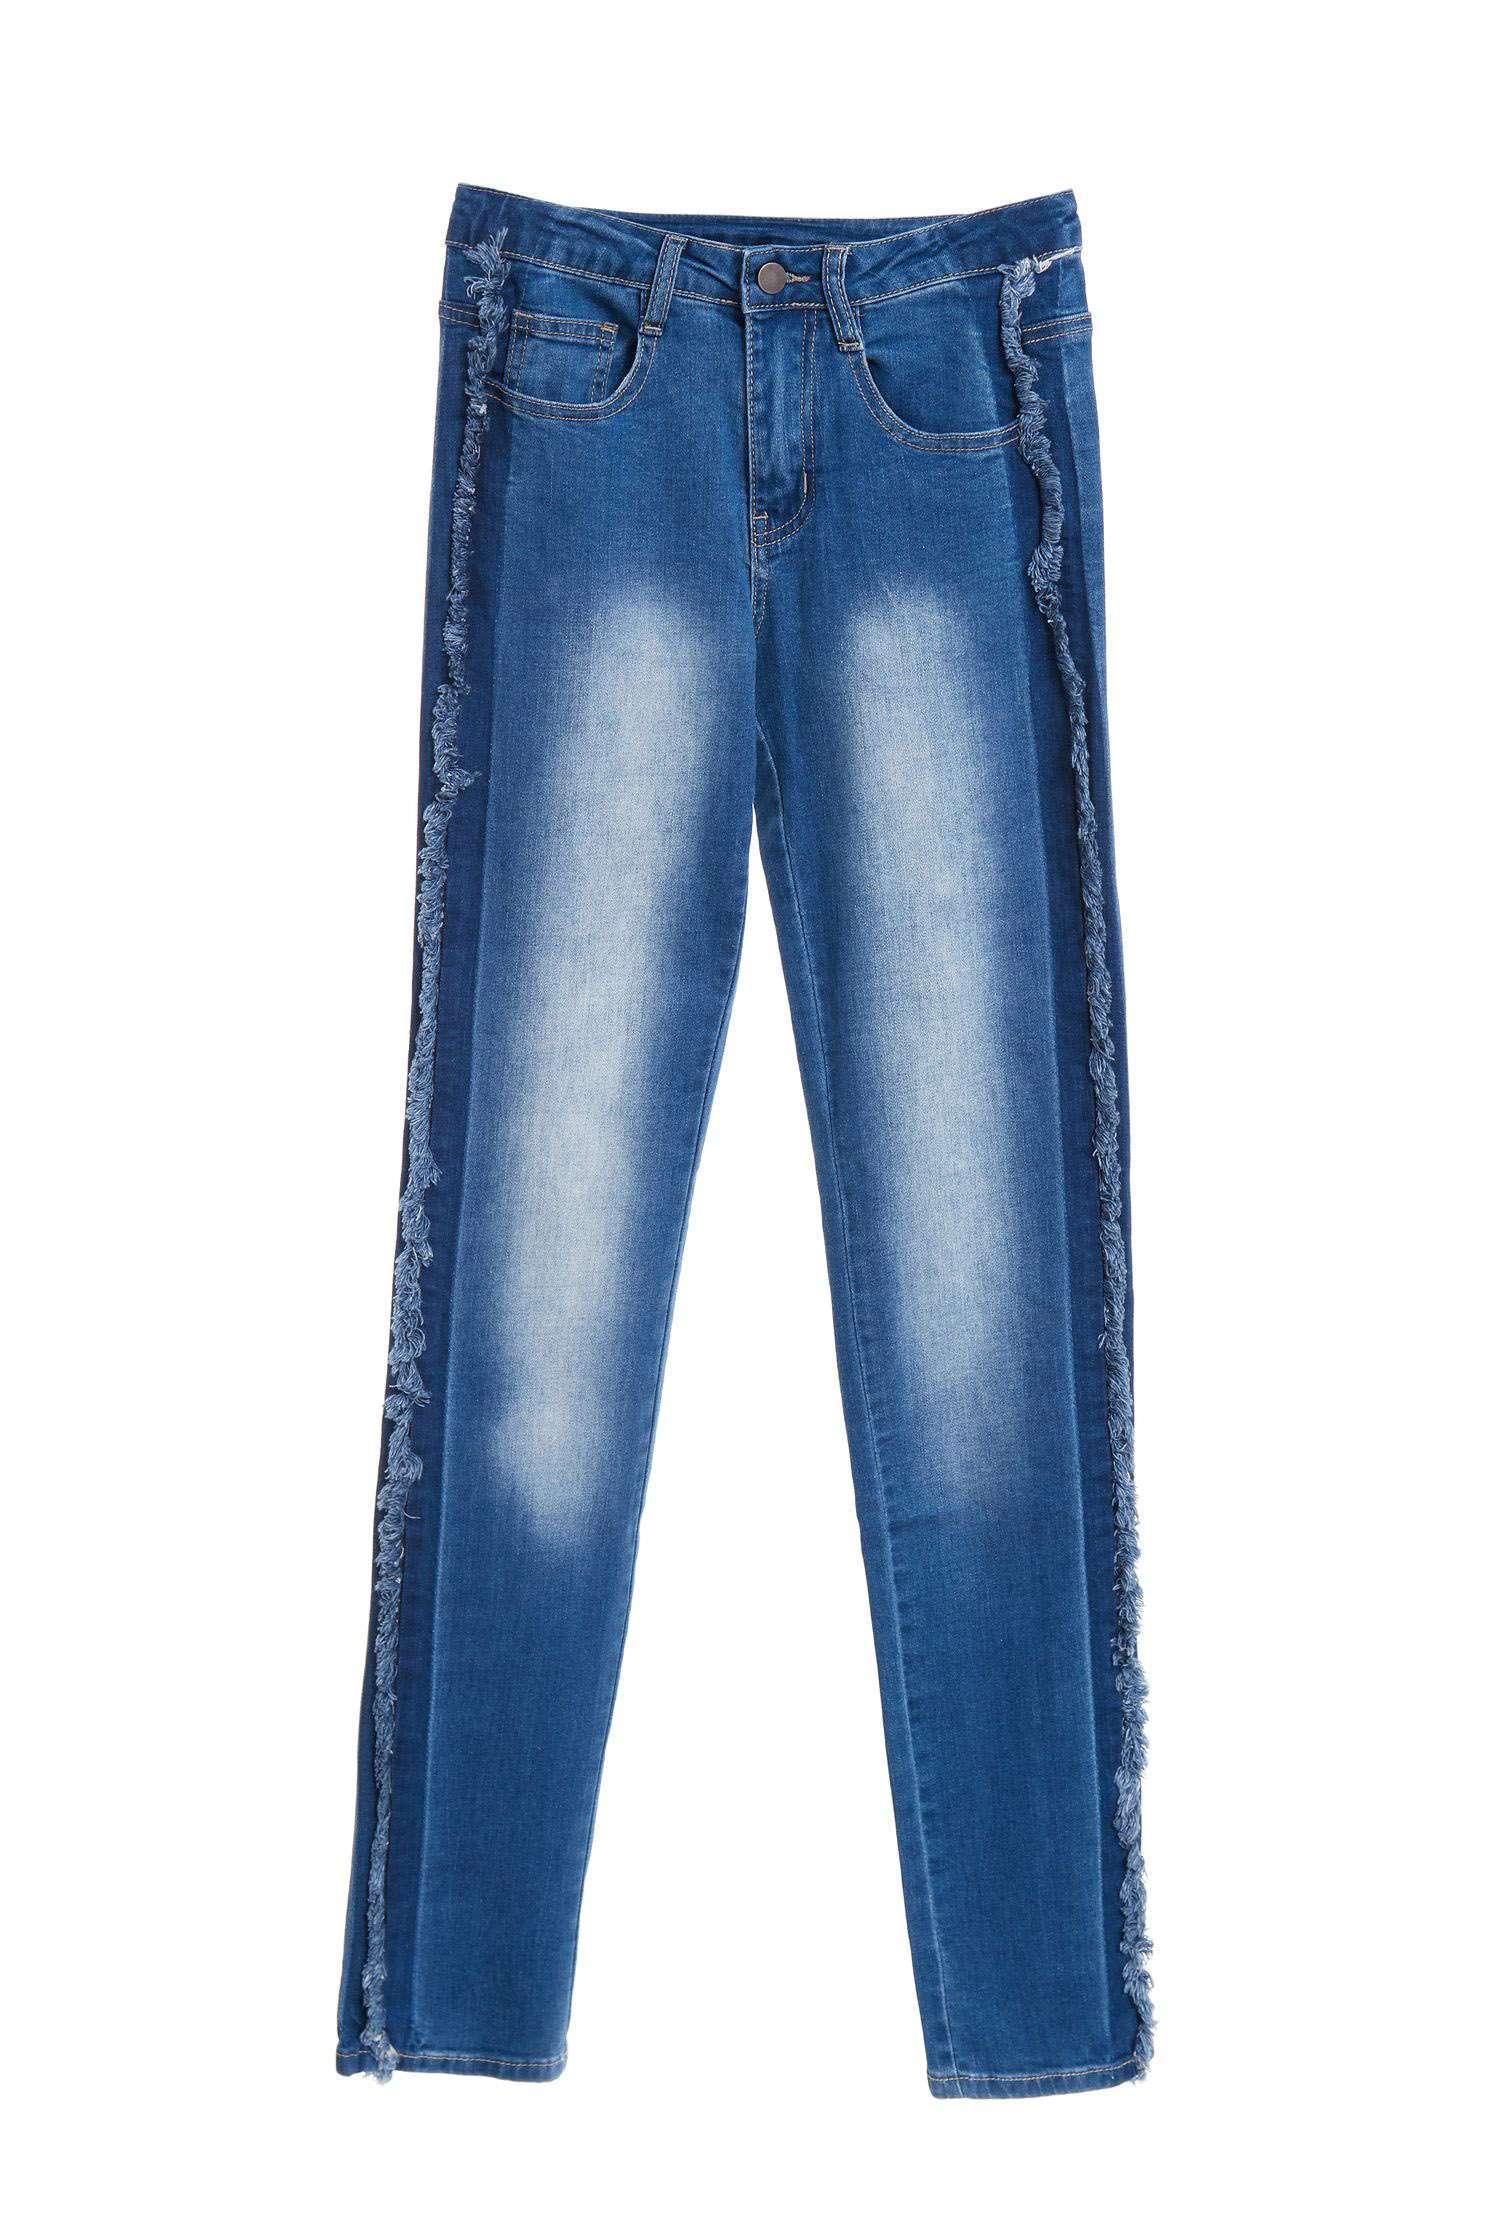 側邊不對稱的毛邊牛仔褲,丹寧,牛仔,牛仔褲,牛仔長褲,秋冬穿搭,長褲